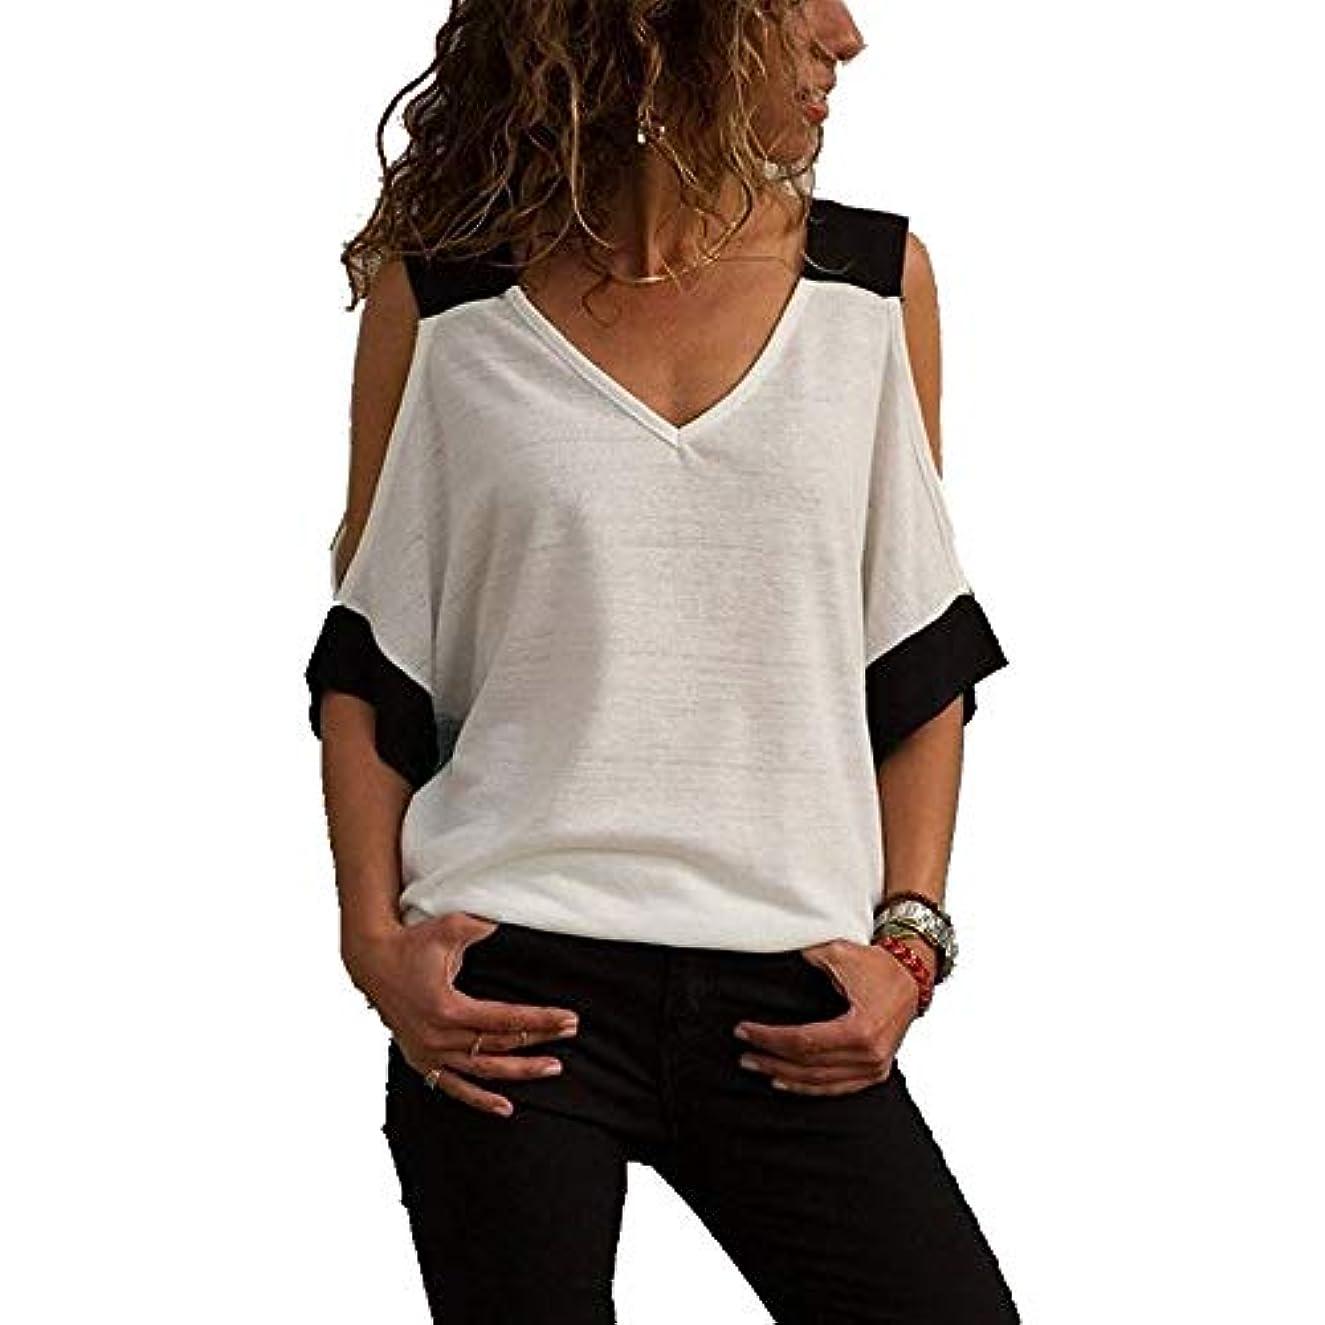 入り口精巧な亜熱帯MIFAN女性ファッションカジュアルトップス女性ショルダーブラウスコットンTシャツディープVネック半袖